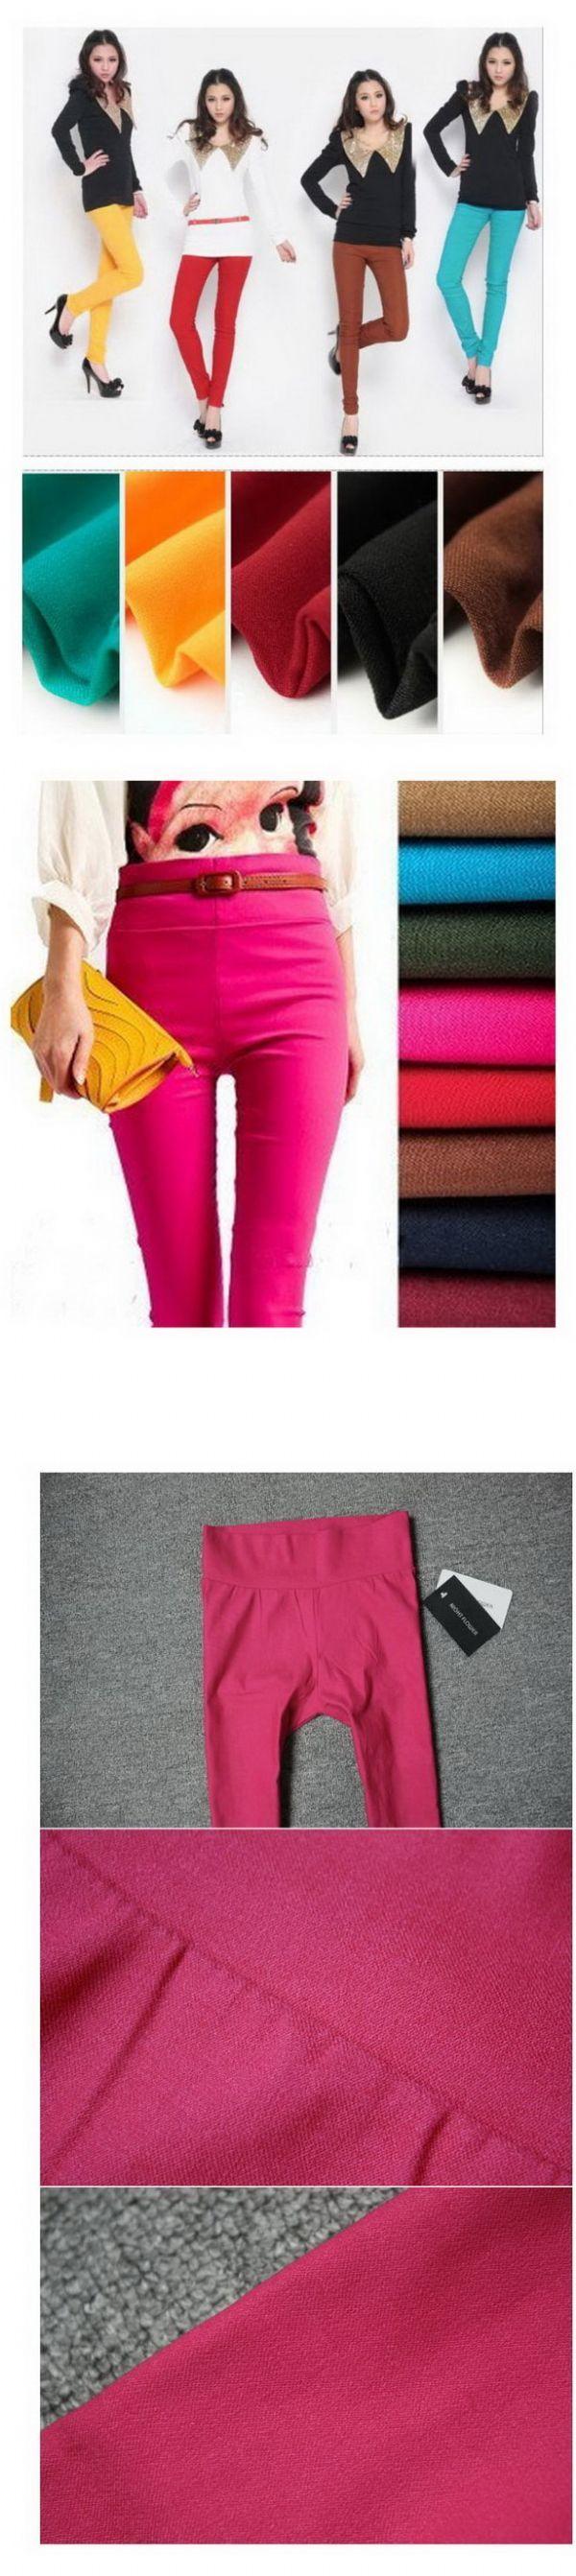 เสื้อผ้าแฟชั่นพร้อมส่ง : กางเกงสกินนี่ สี candy